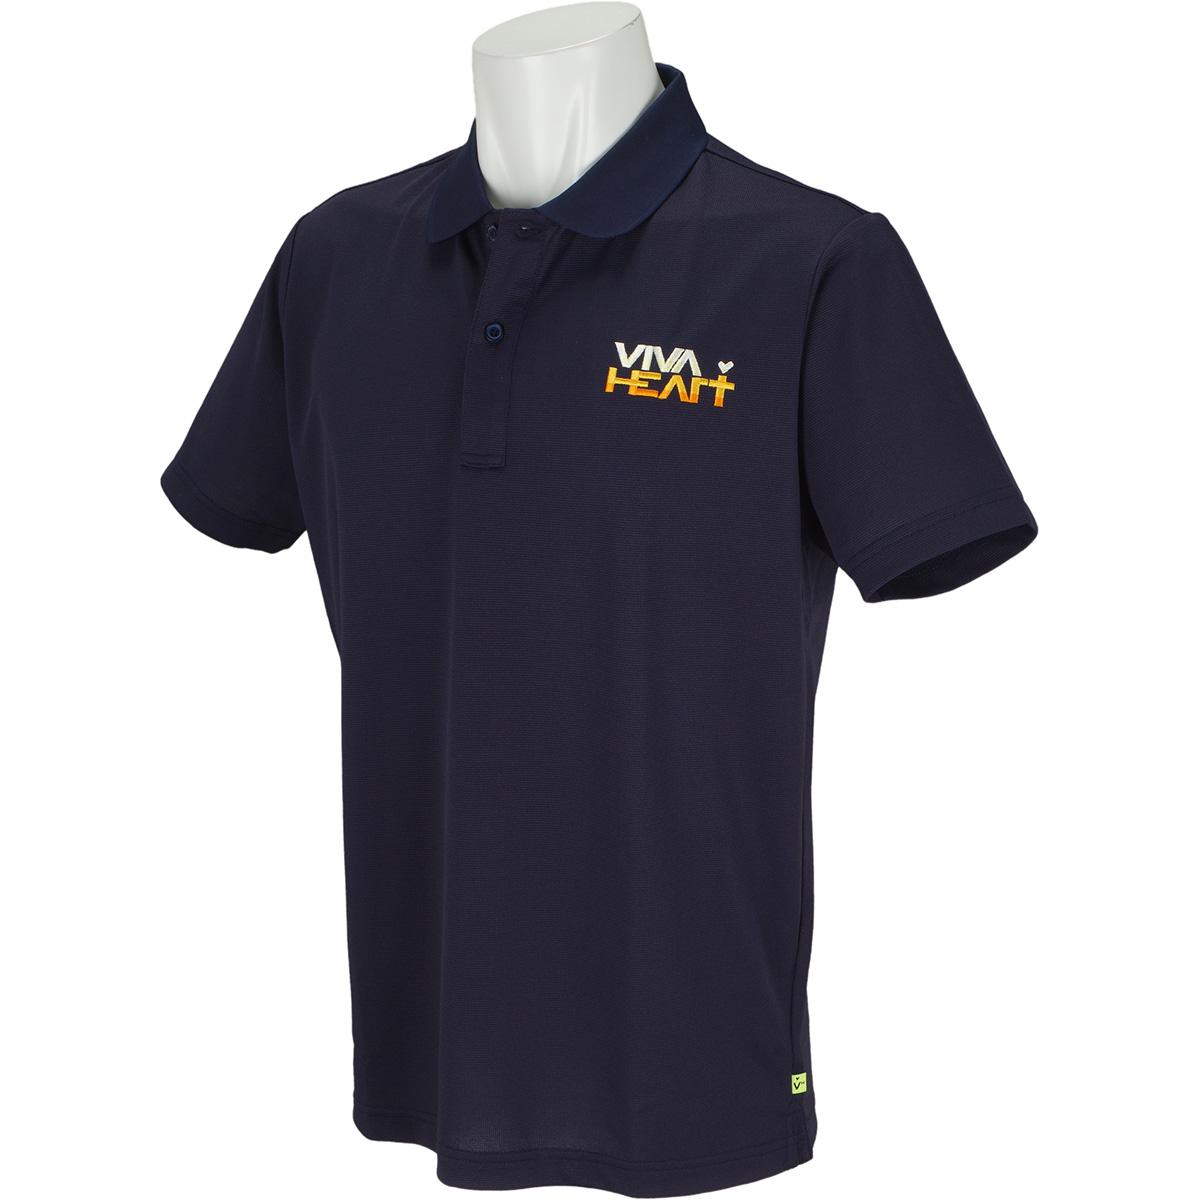 シャドーボーダー 半袖ポロシャツ